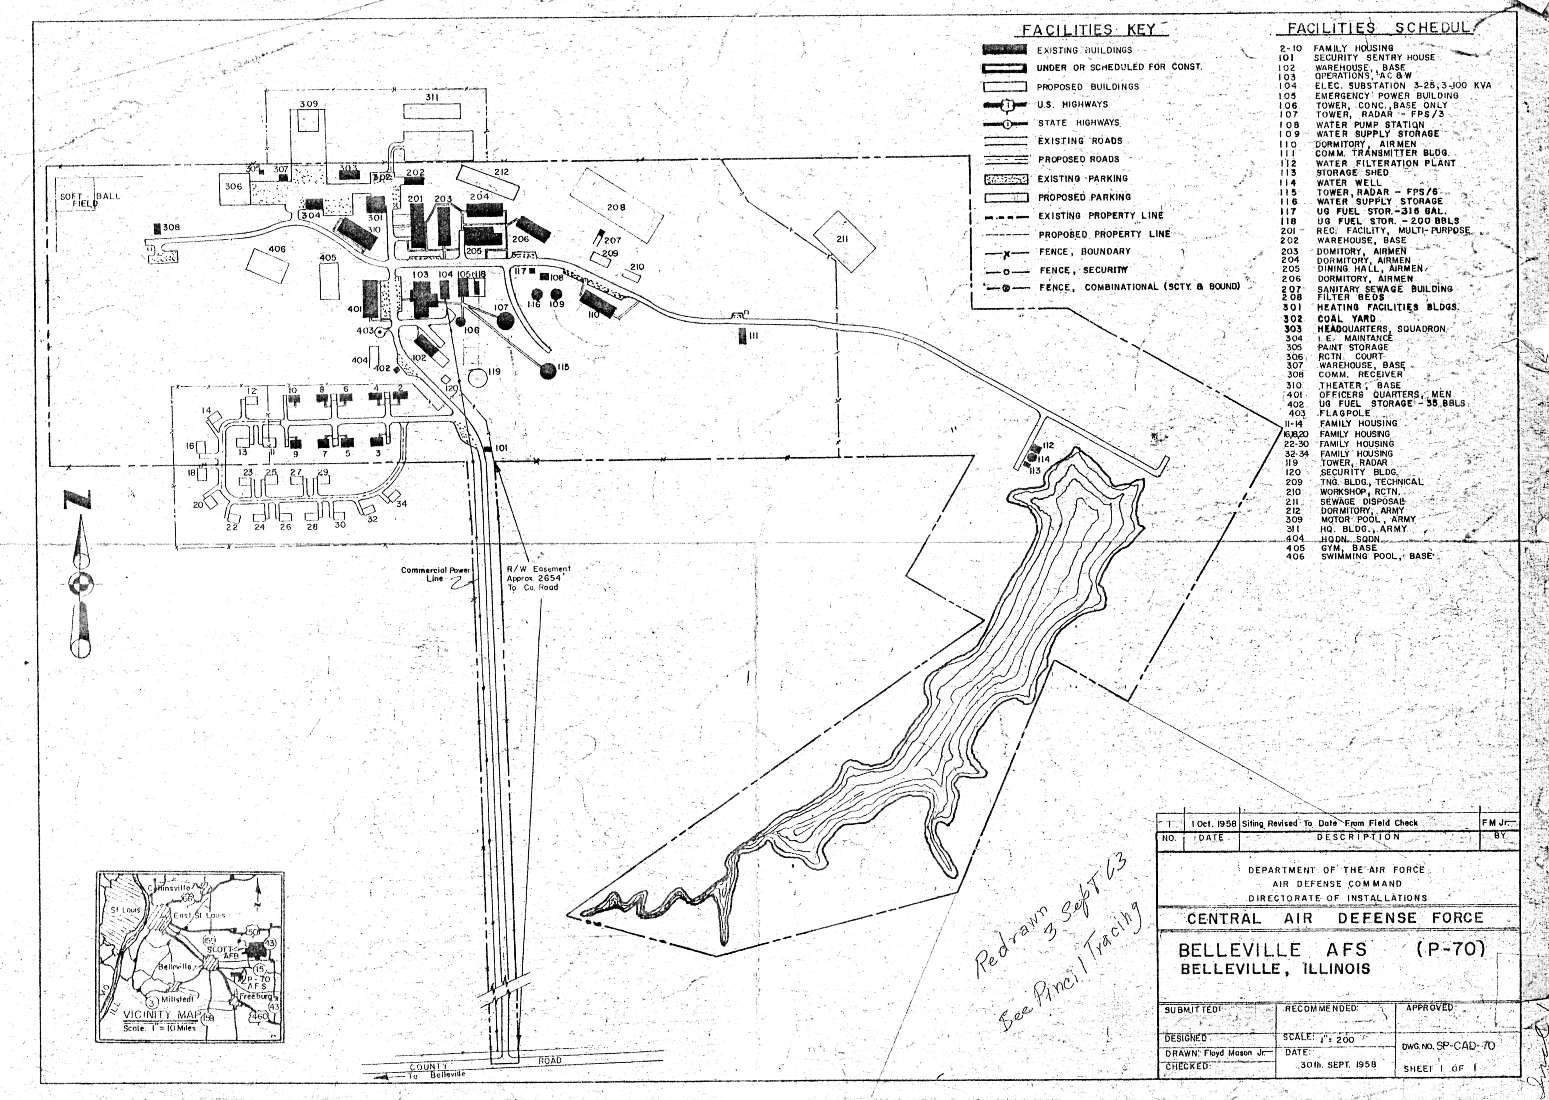 Belleville AFS, IL Site Map